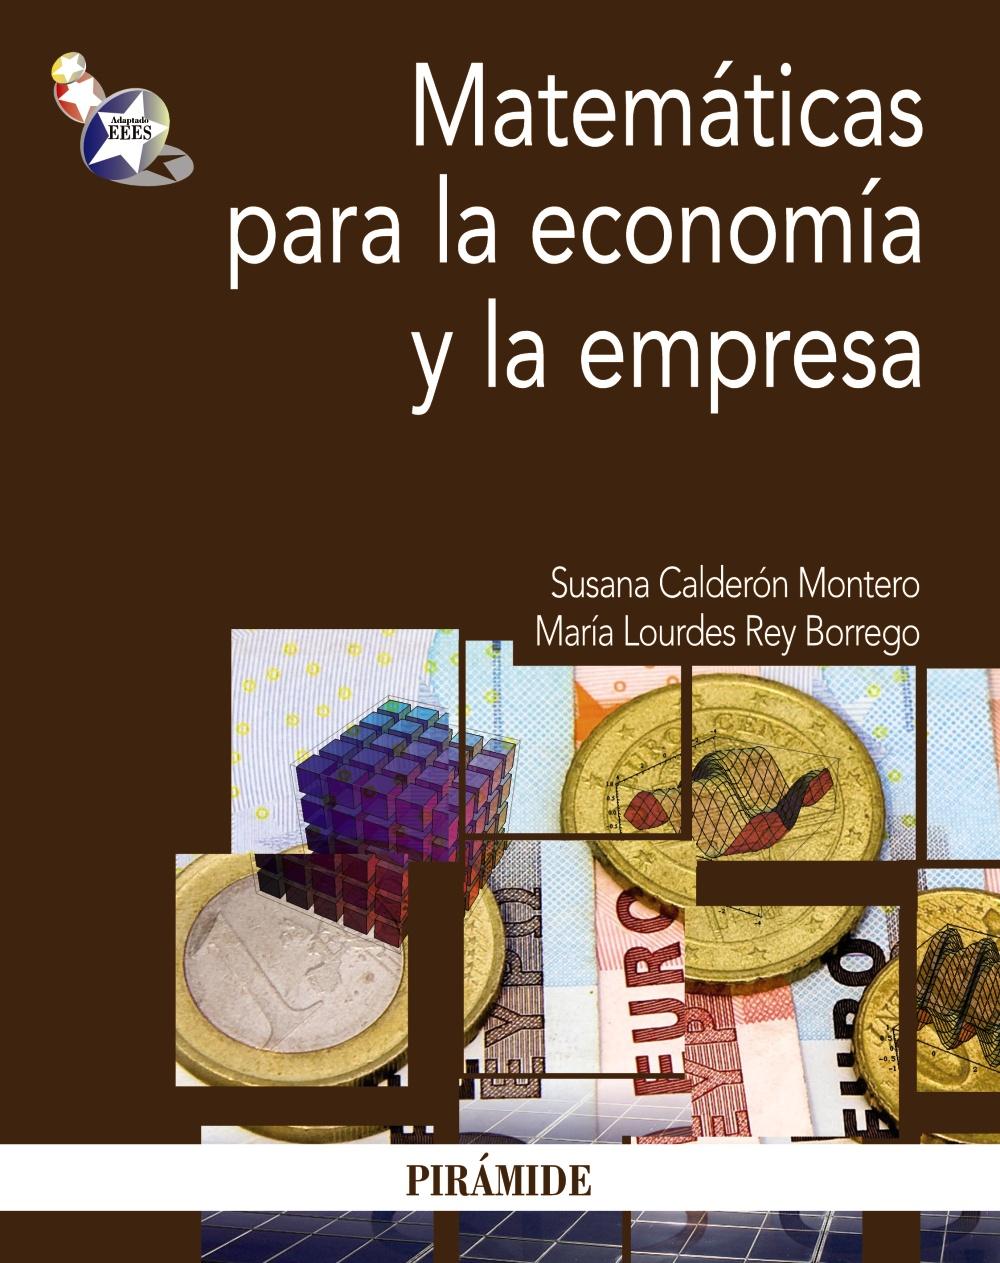 Resultado de imagen para Matemáticas para la economía y la empresa